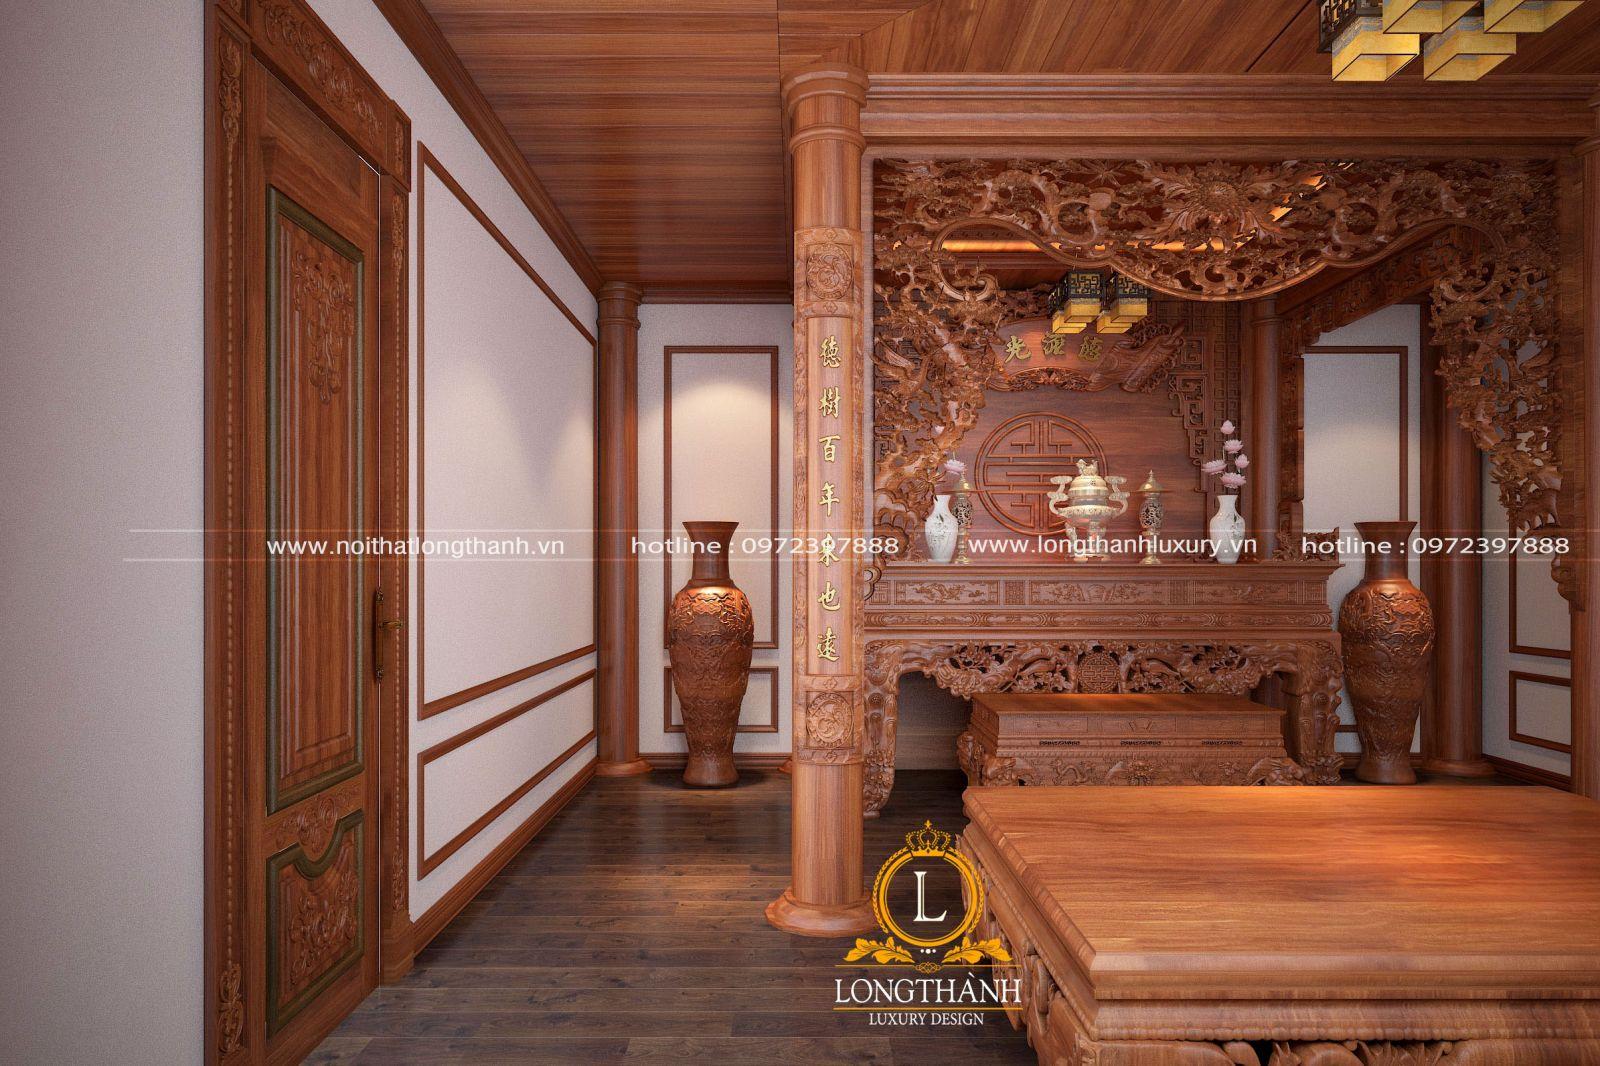 Nội thất phòng thờ gỗ Gõ đỏ